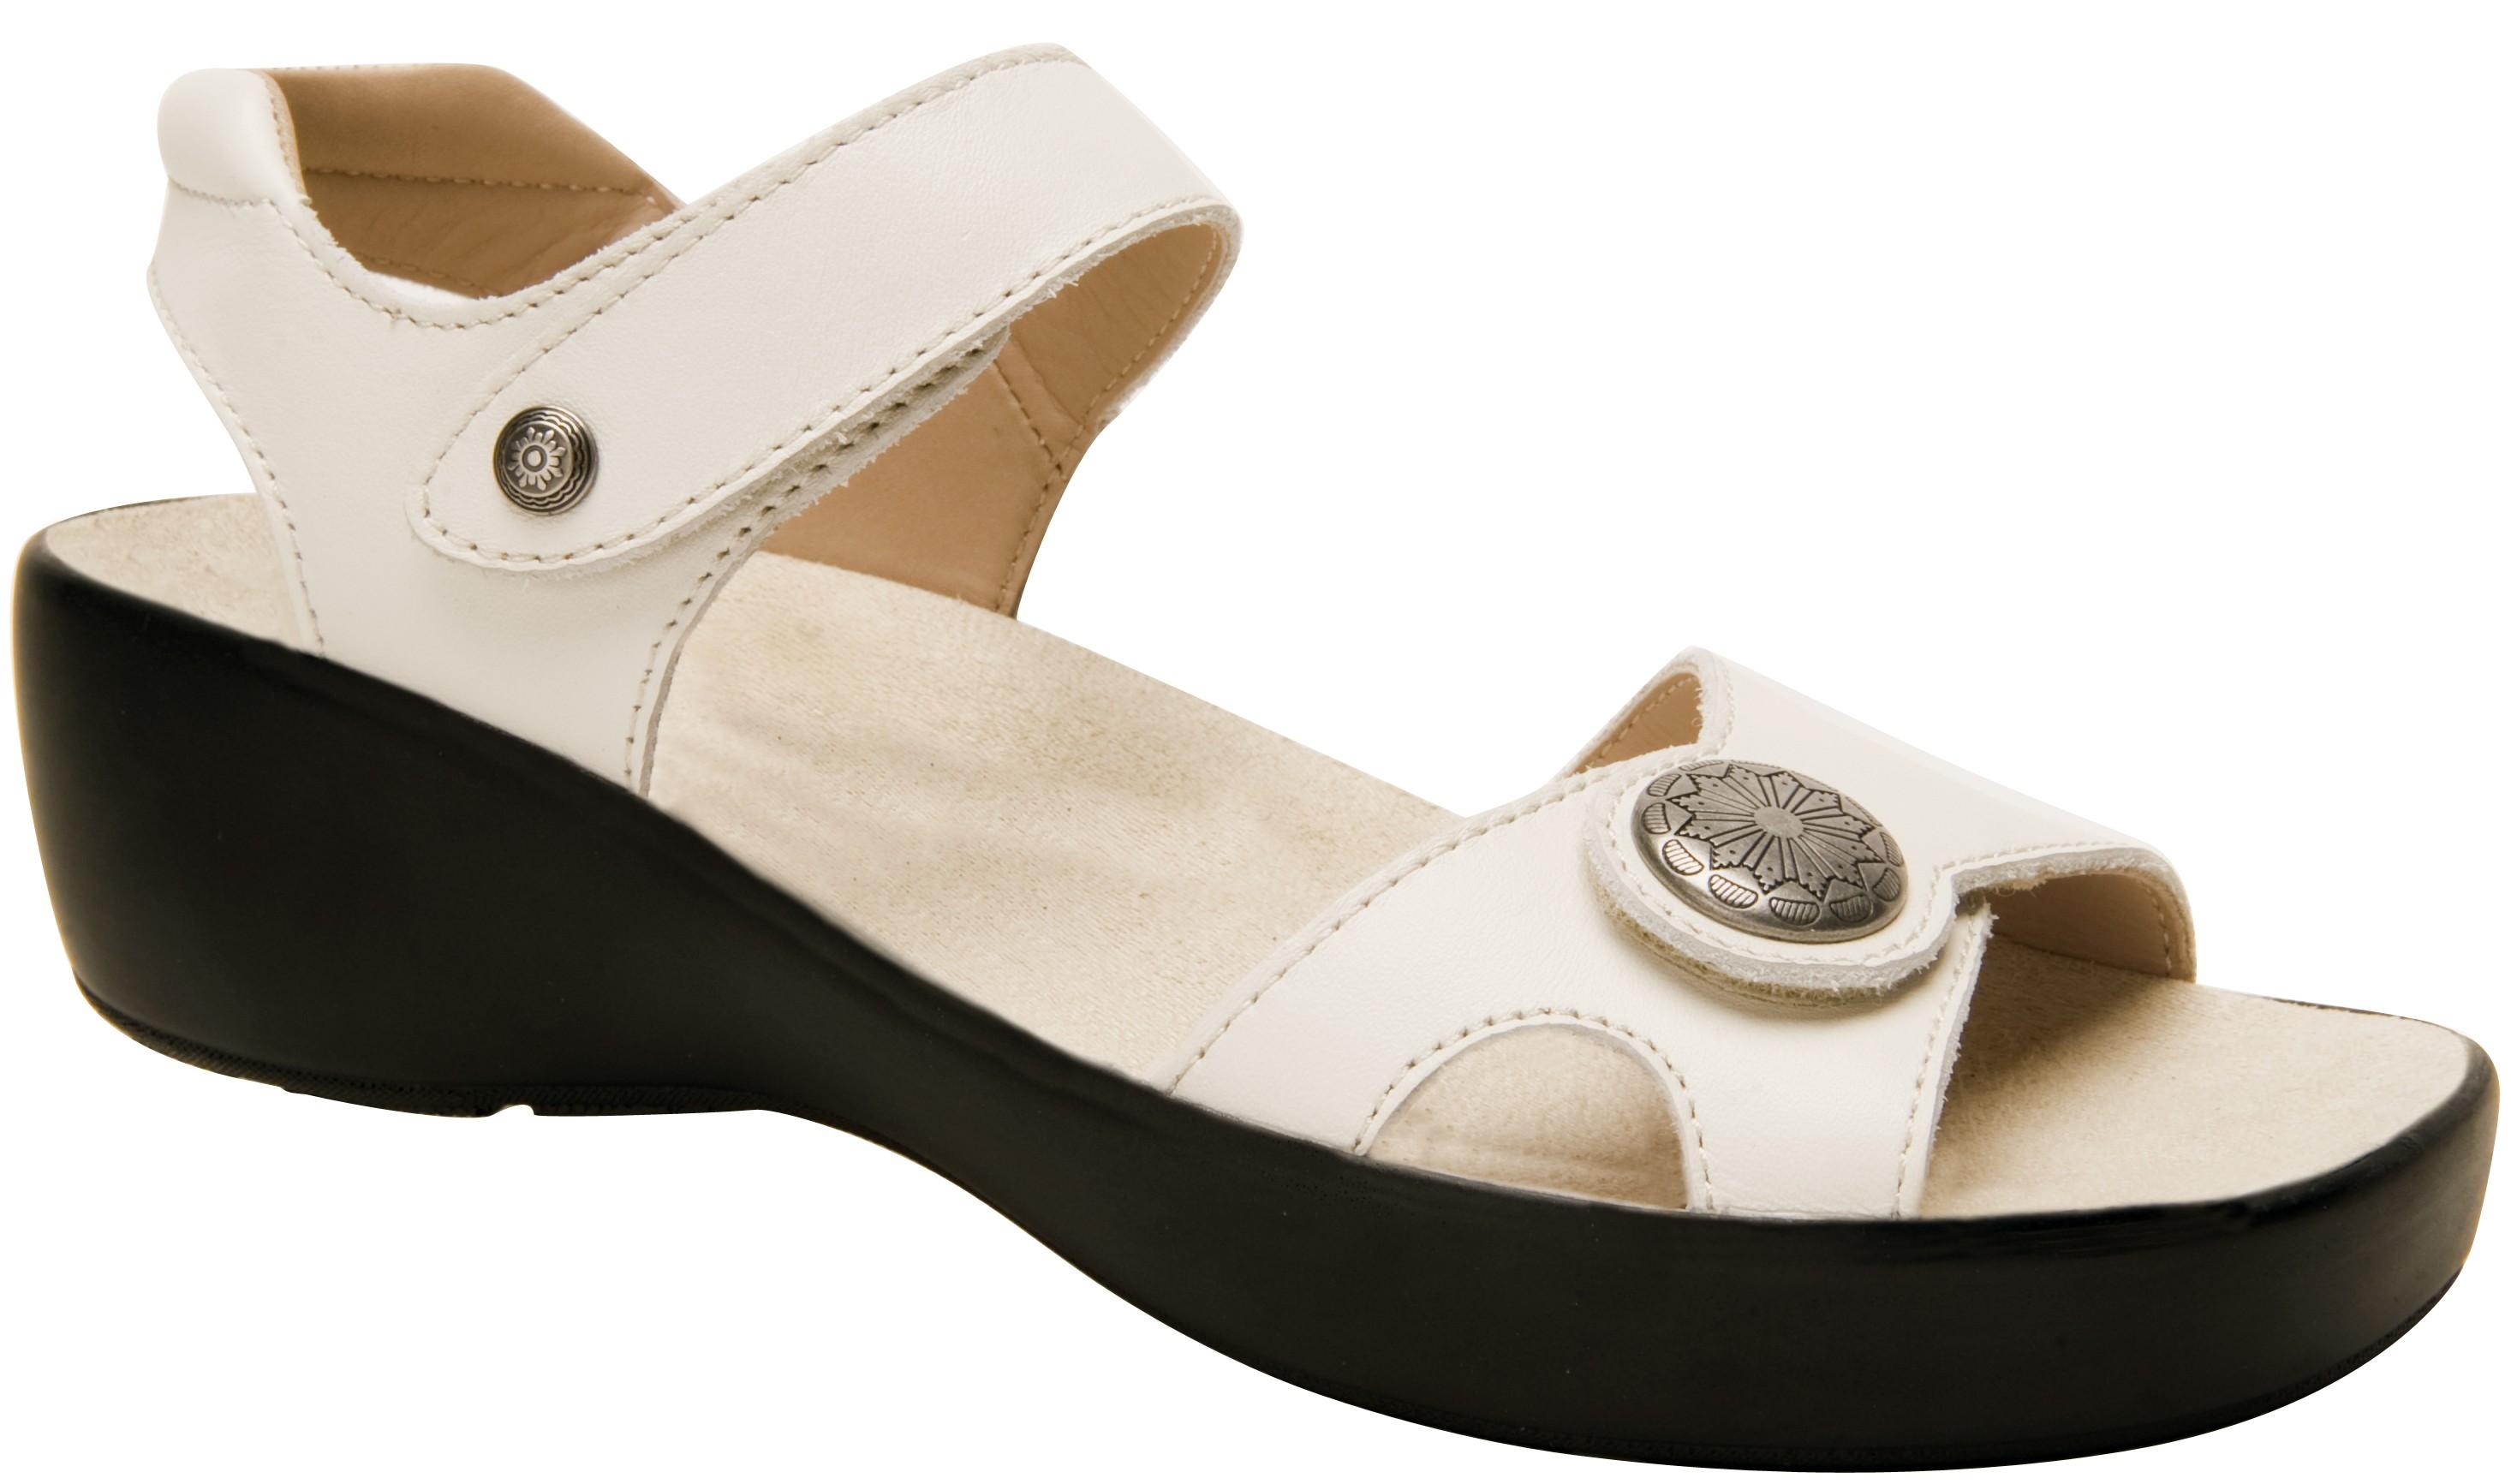 33b3a3ccc67 Drew Andi - Women s Orthopedic Sandals